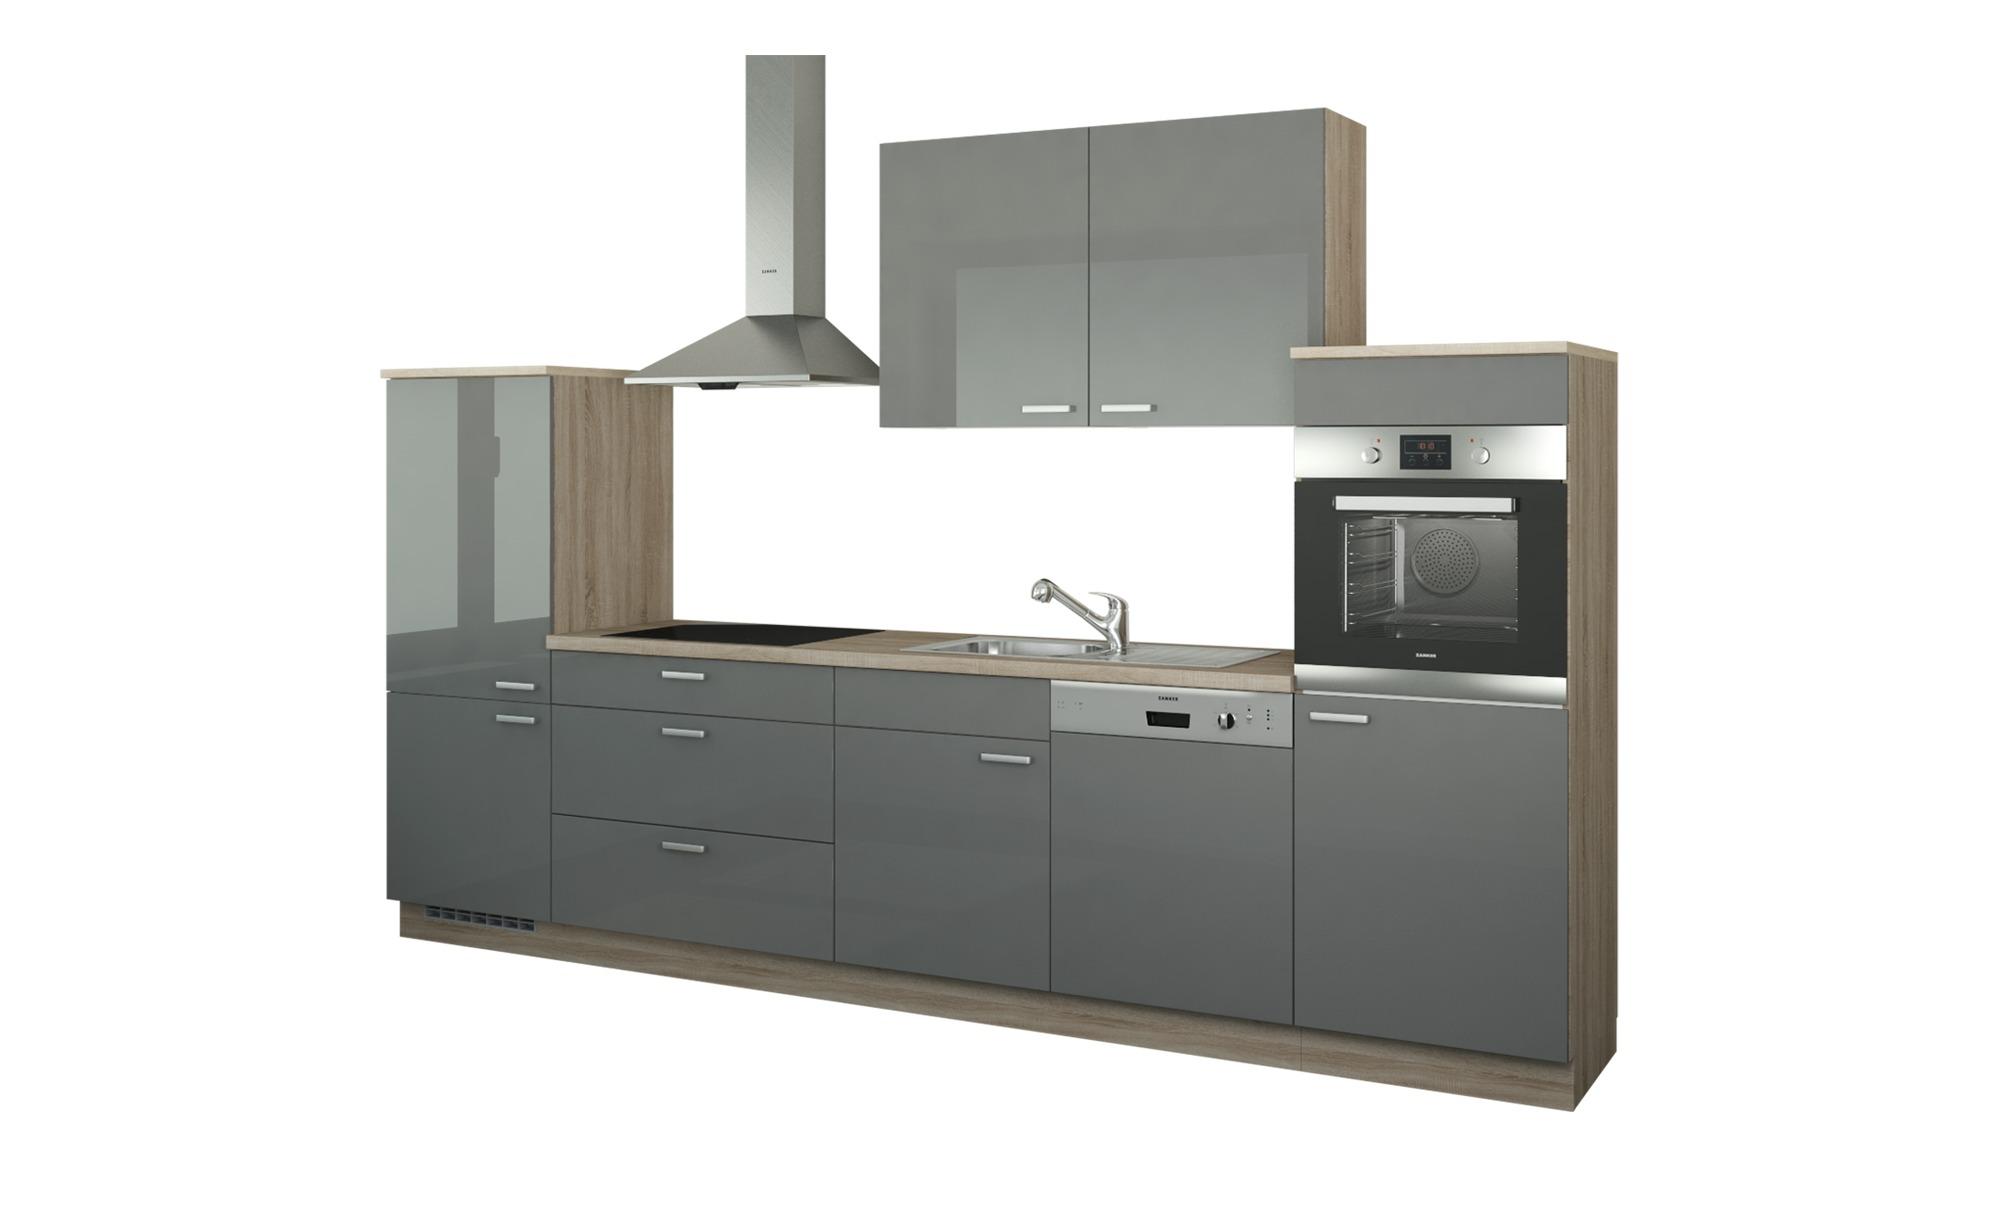 Küchenzeile ohne Elektrogeräte  Neuss ¦ Maße (cm): B: 330 Küchen > Küchenblöcke - Höffner | Küche und Esszimmer > Küchen > Küchenzeilen | Möbel Höffner DE